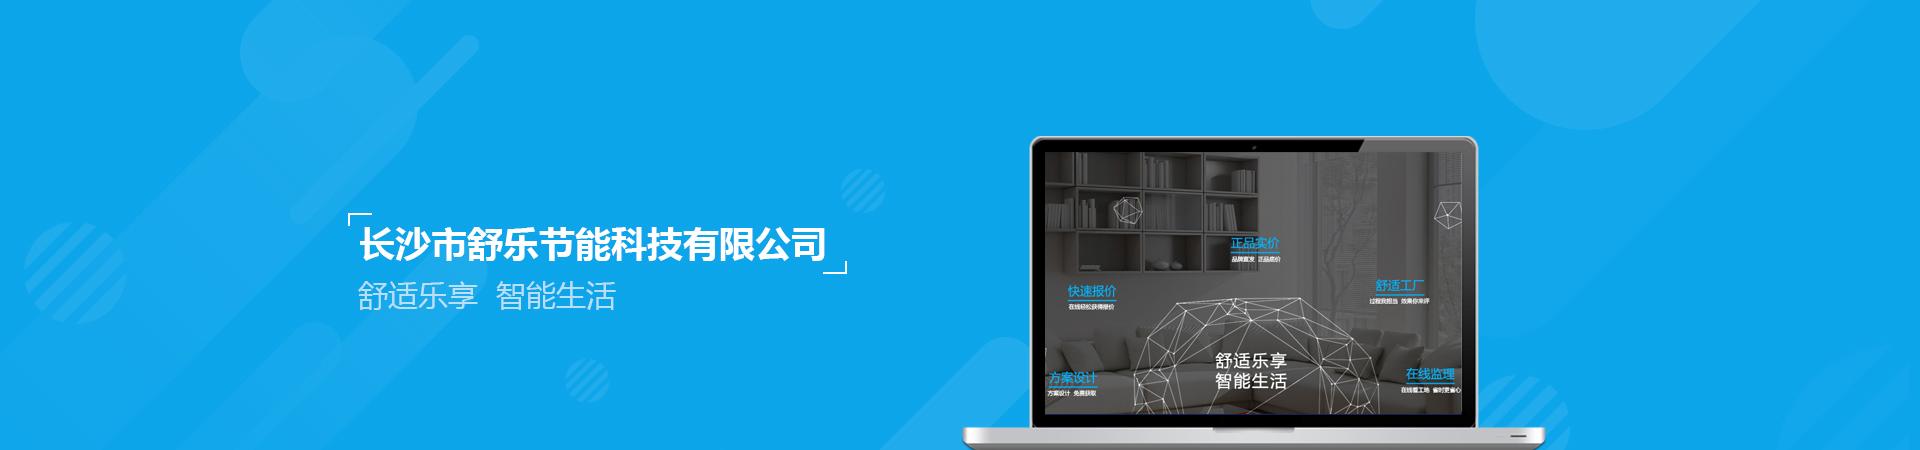 长沙市舒乐节能科技有限公司